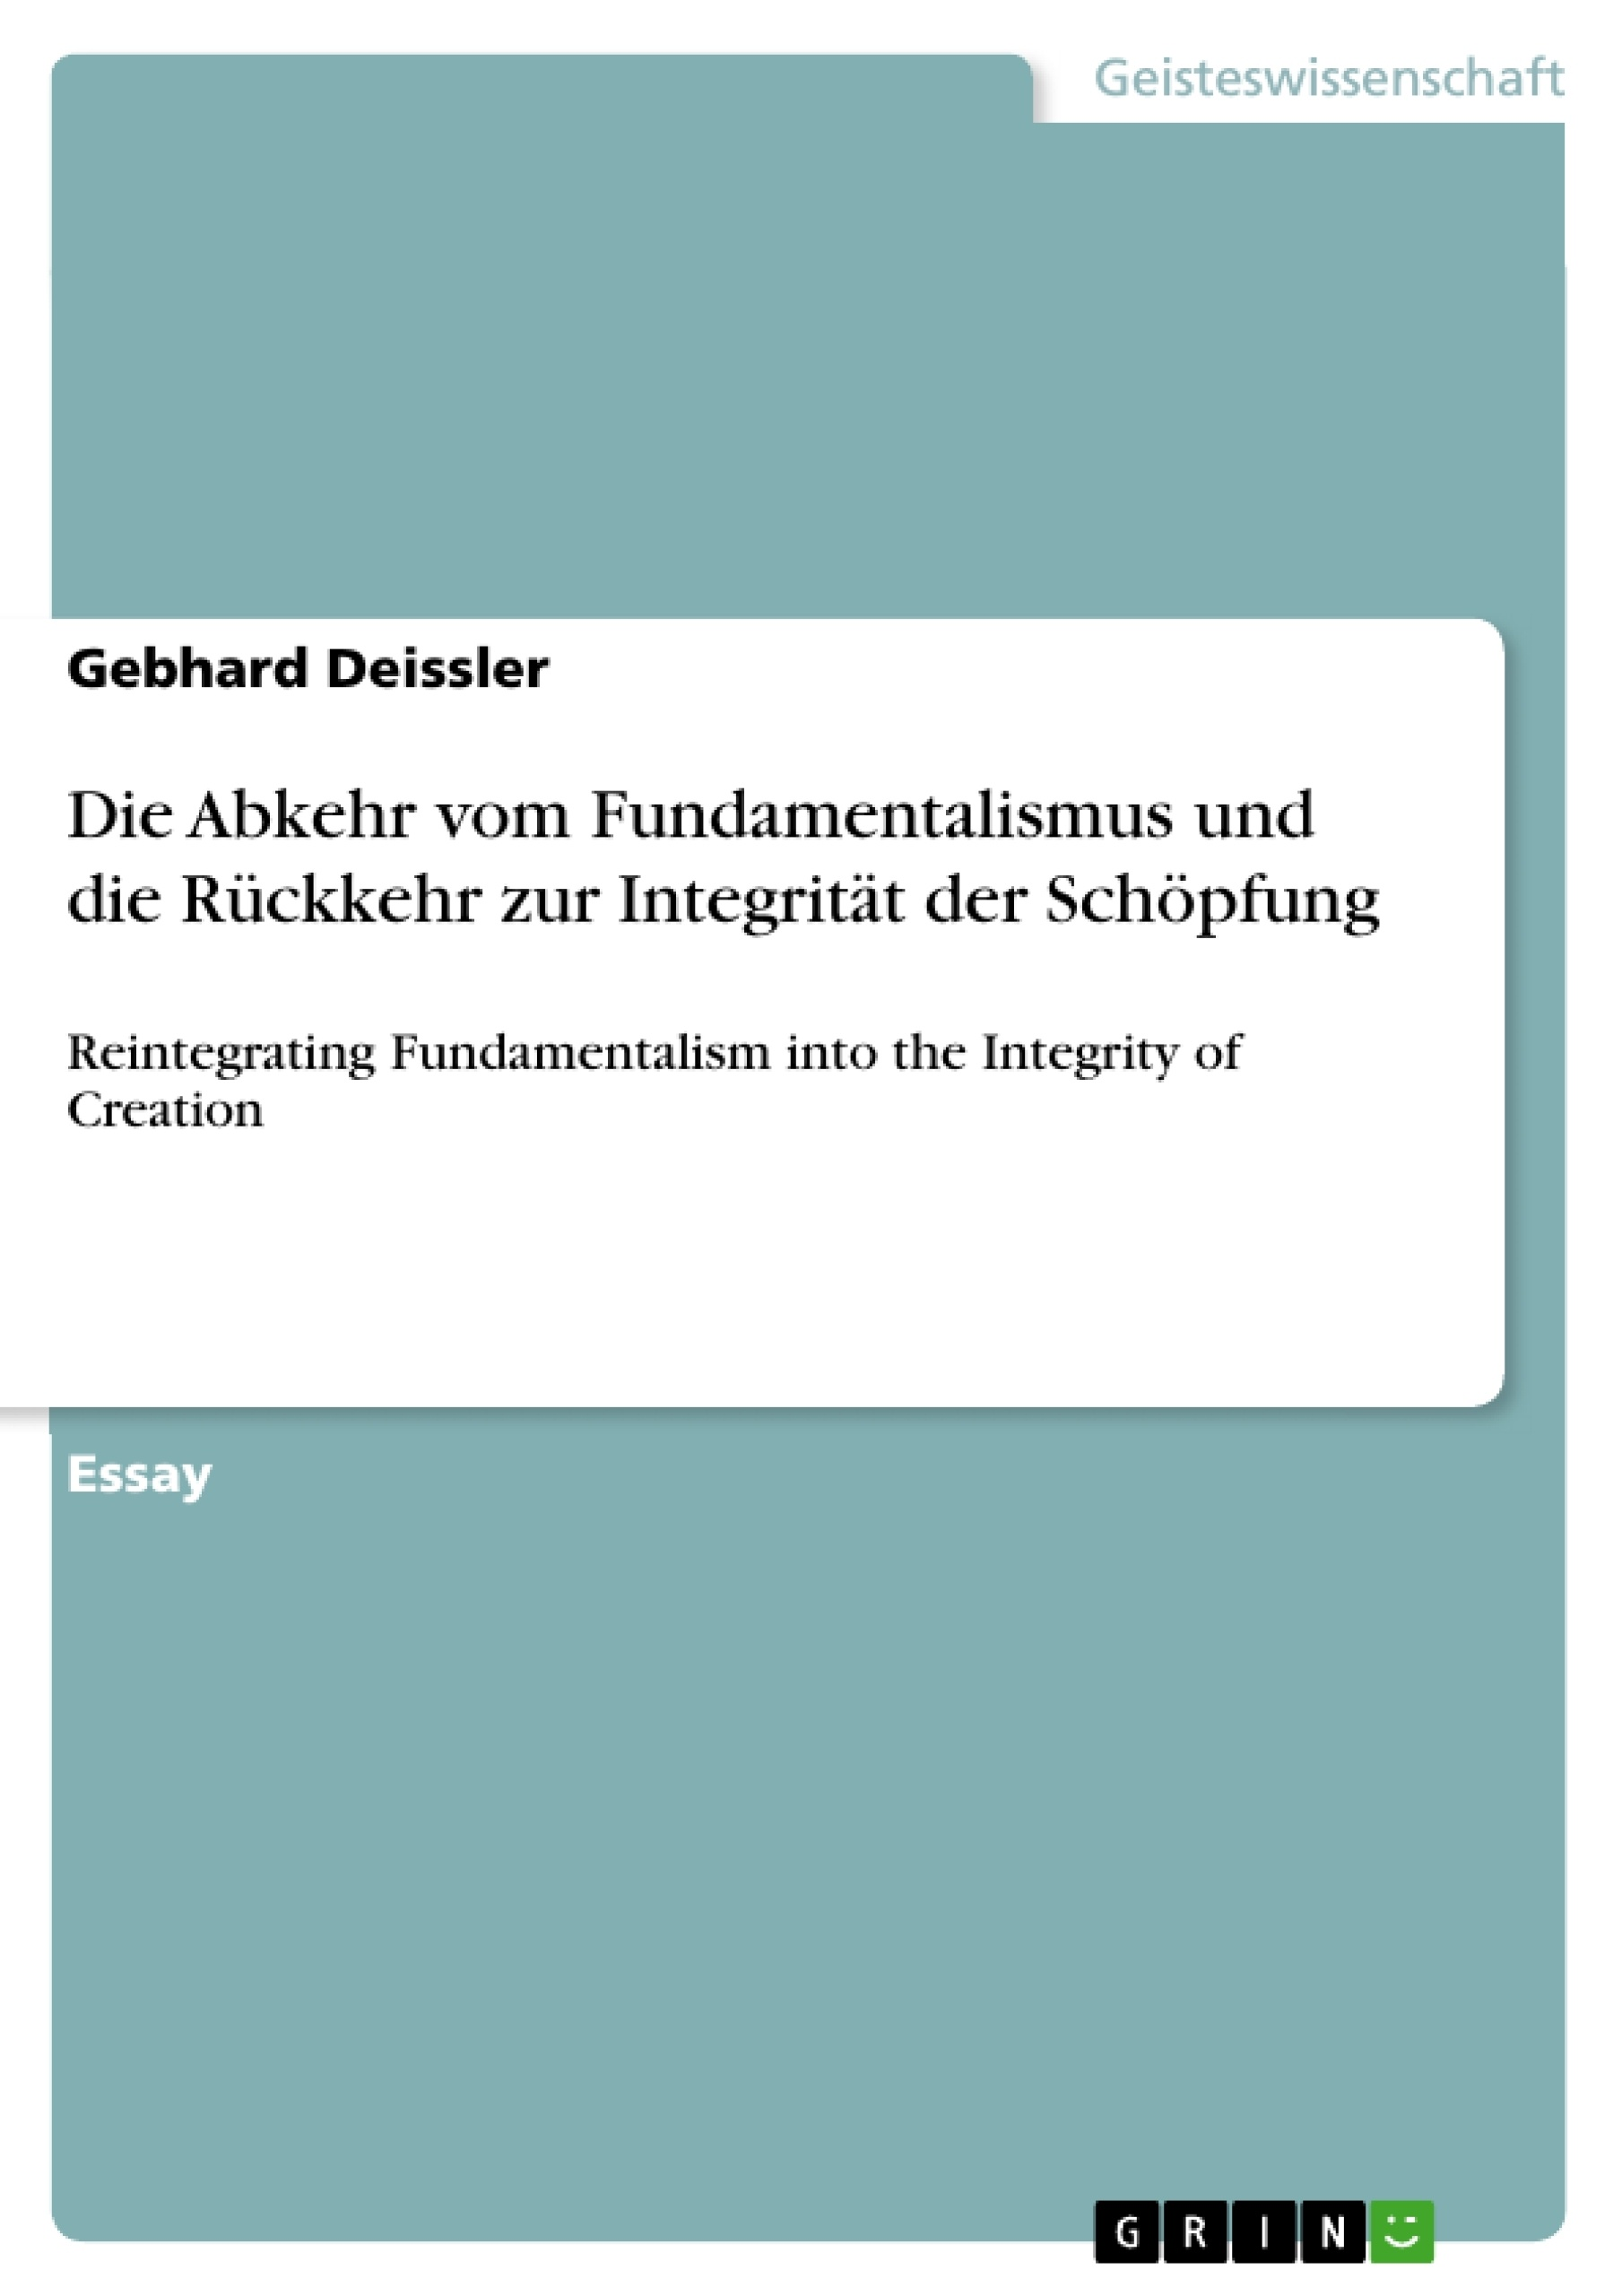 Titel: Die Abkehr vom  Fundamentalismus und die Rückkehr zur Integrität der Schöpfung